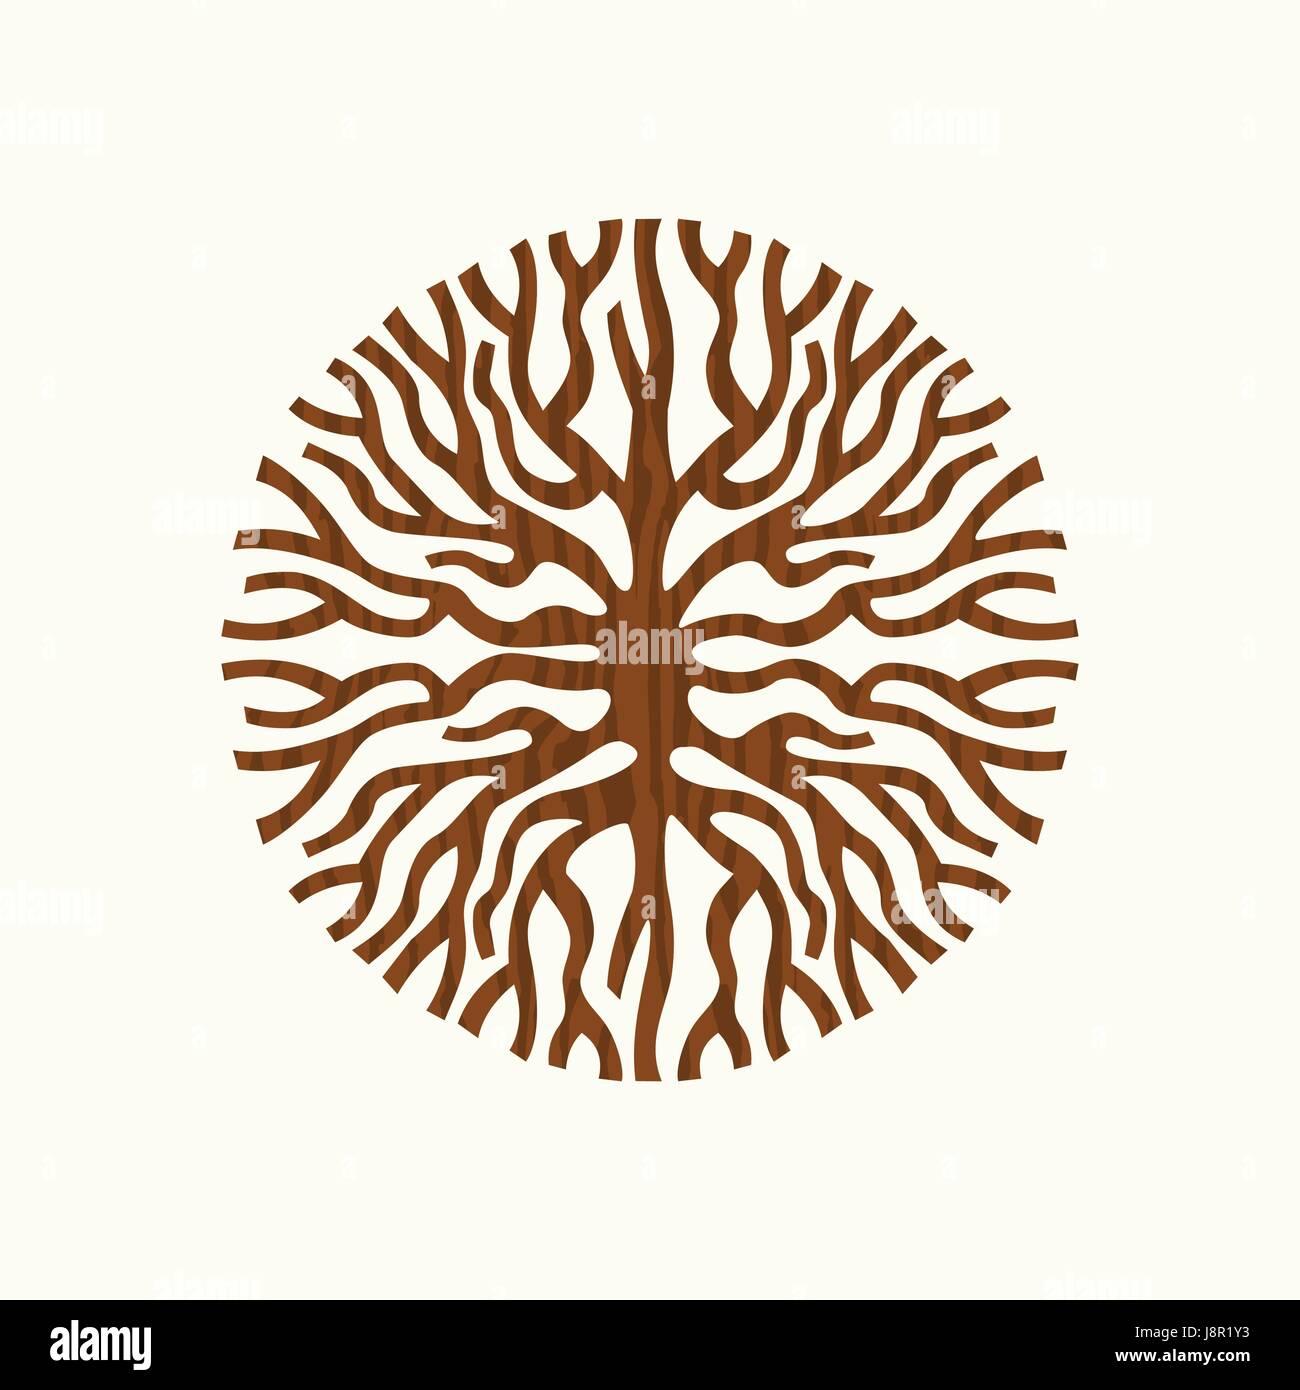 Rsum Forme Du Cercle Des Racines Des Arbres Ou Branches